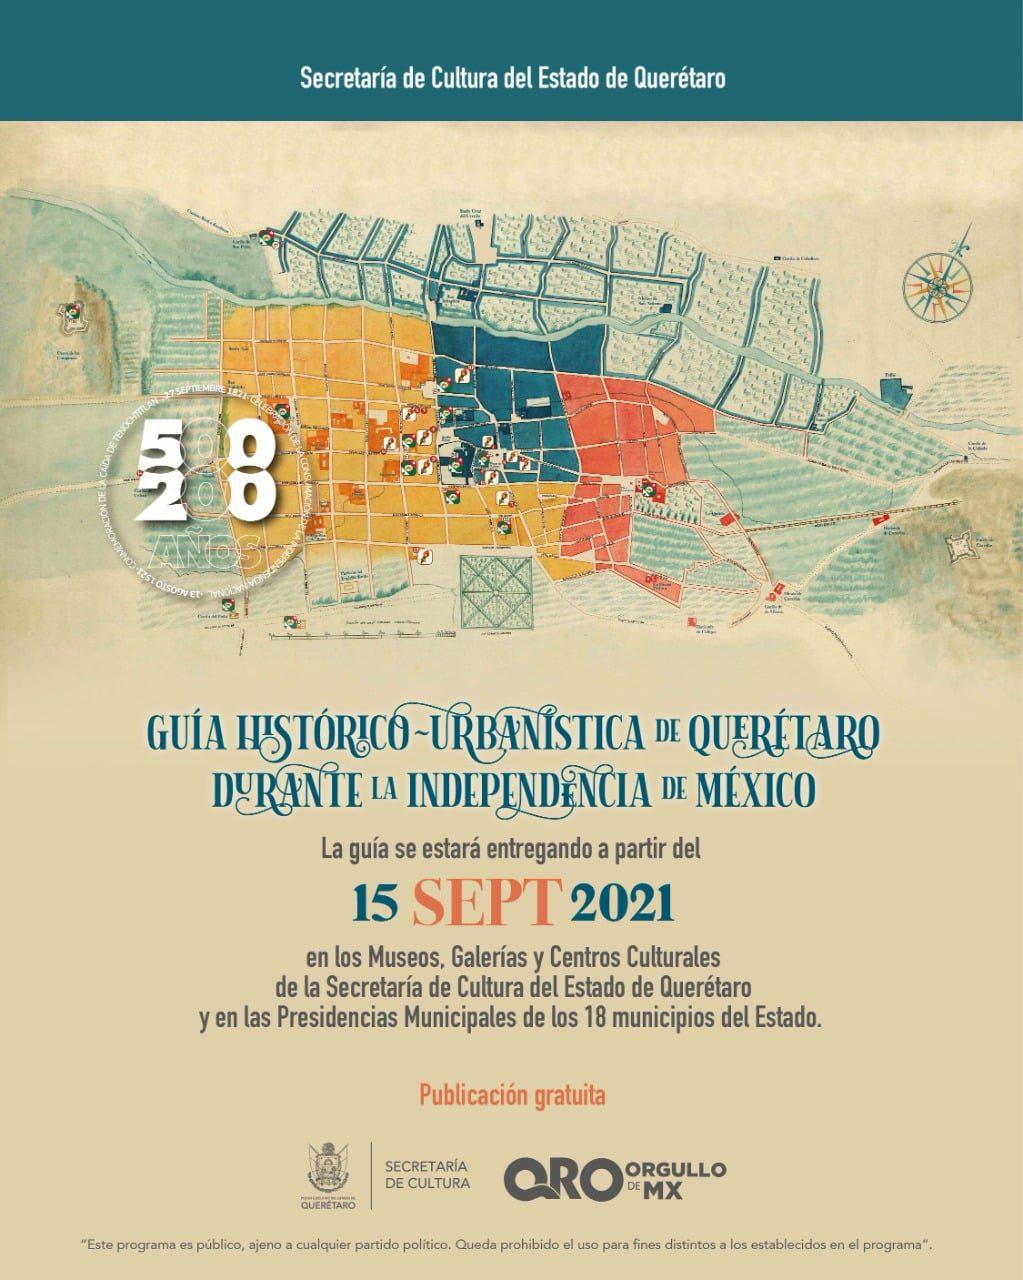 Presentan Guía Histórico-Urbanística de Querétaro durante la Independencia de México